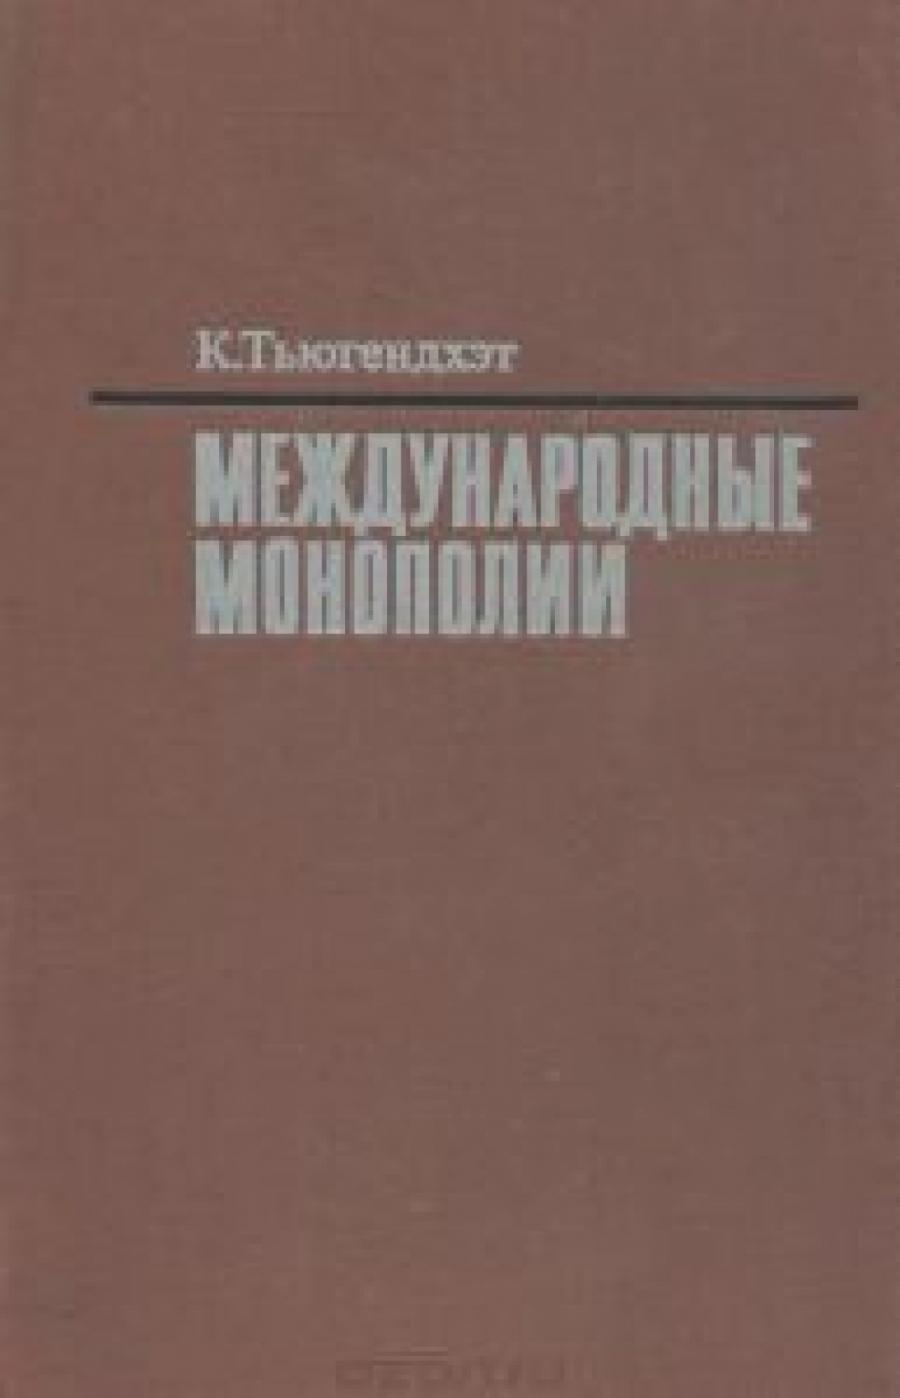 Обложка книги:  тьюгендхэт к. - международные монополии